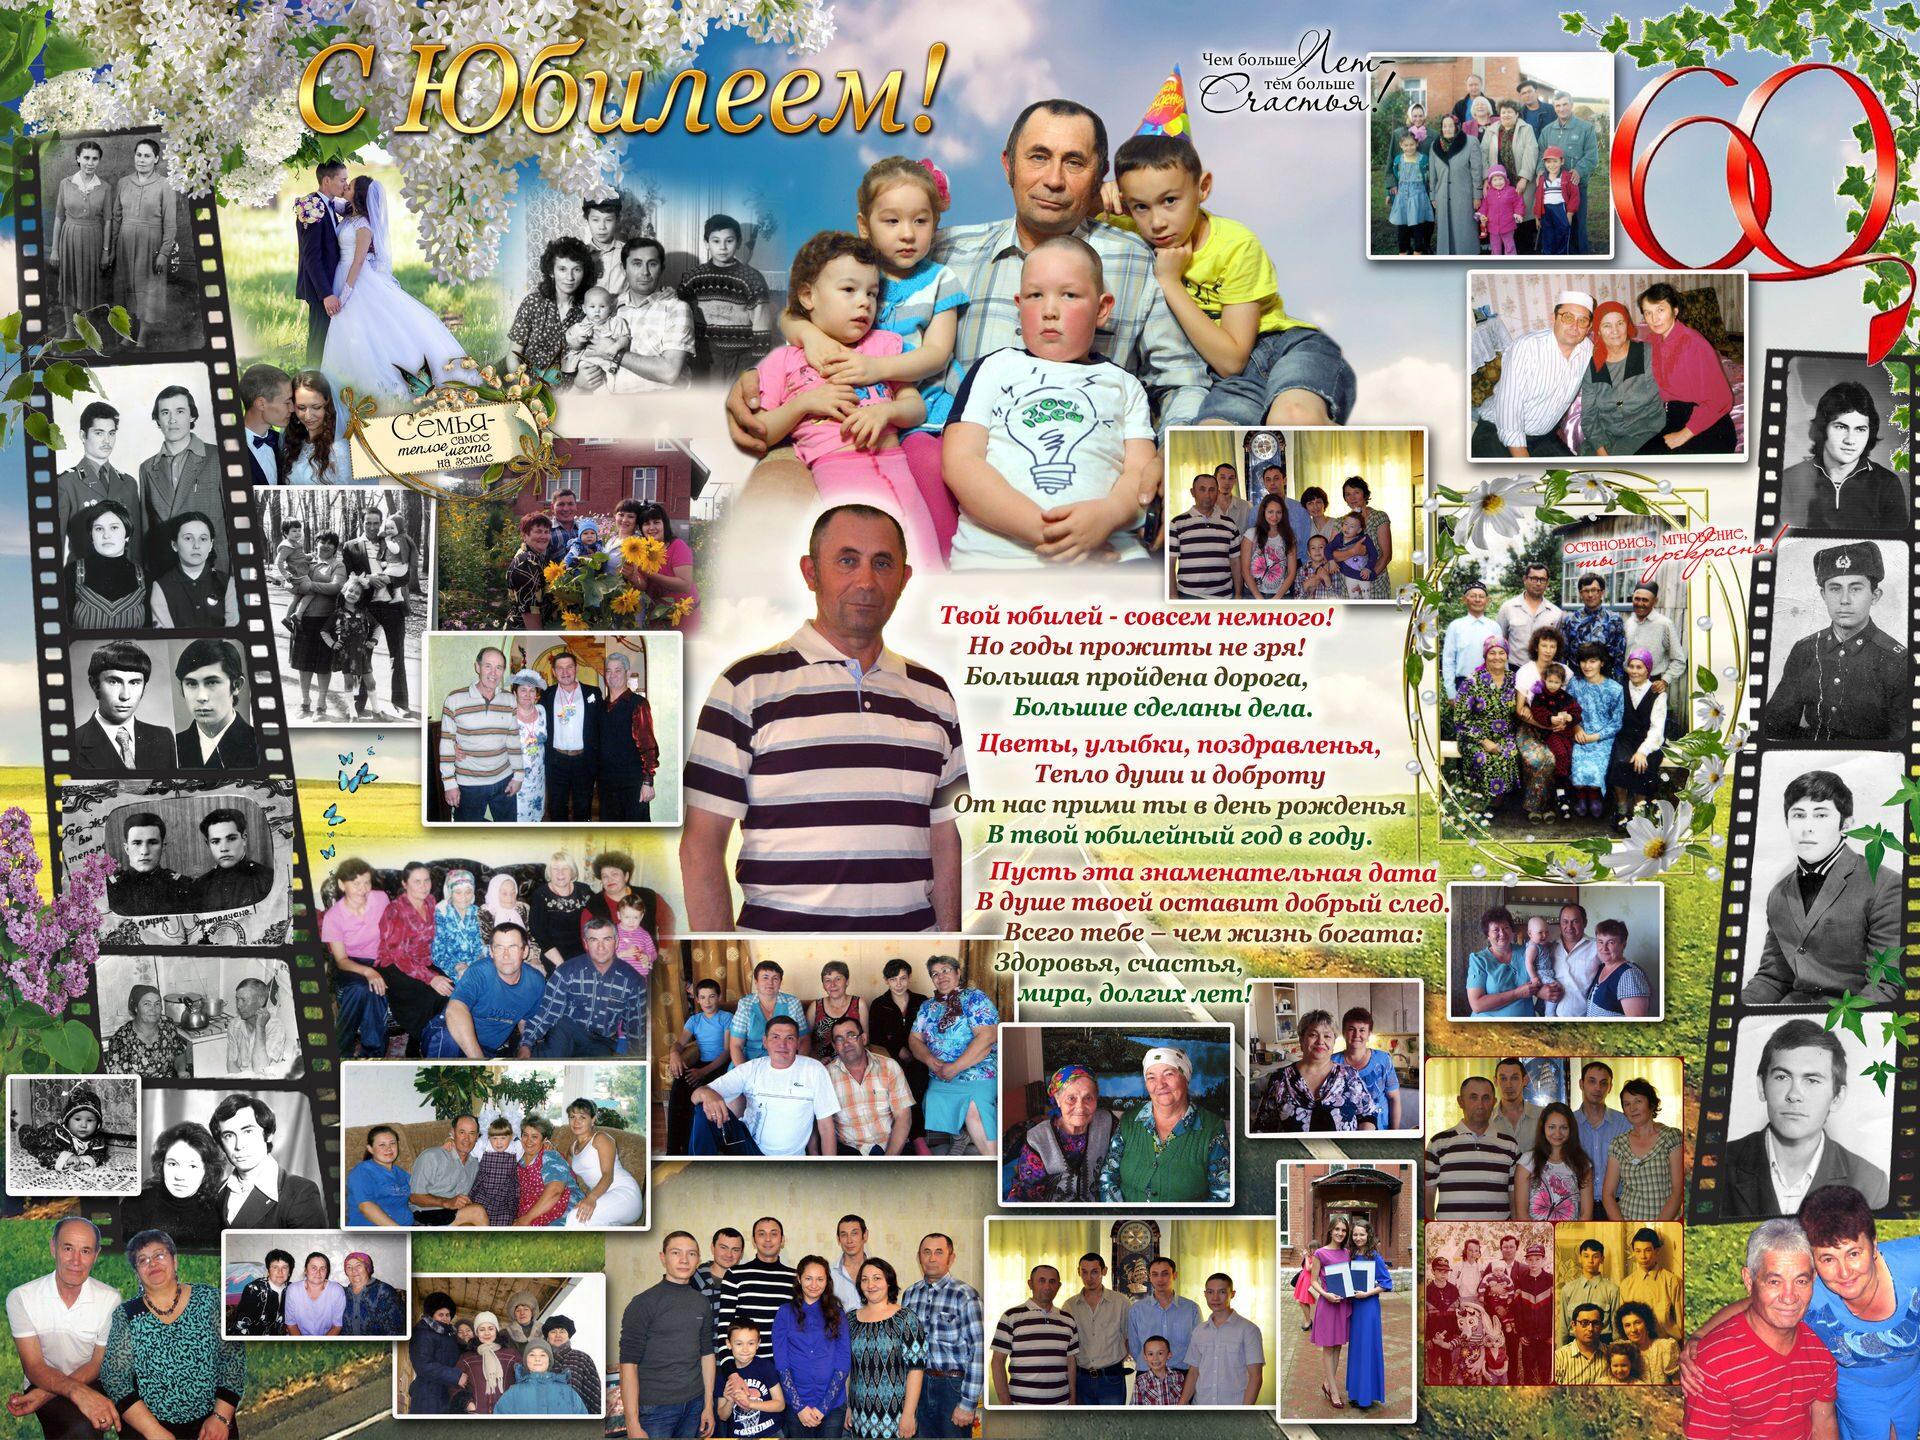 Поздравление на юбилей отцу 75 лет 93